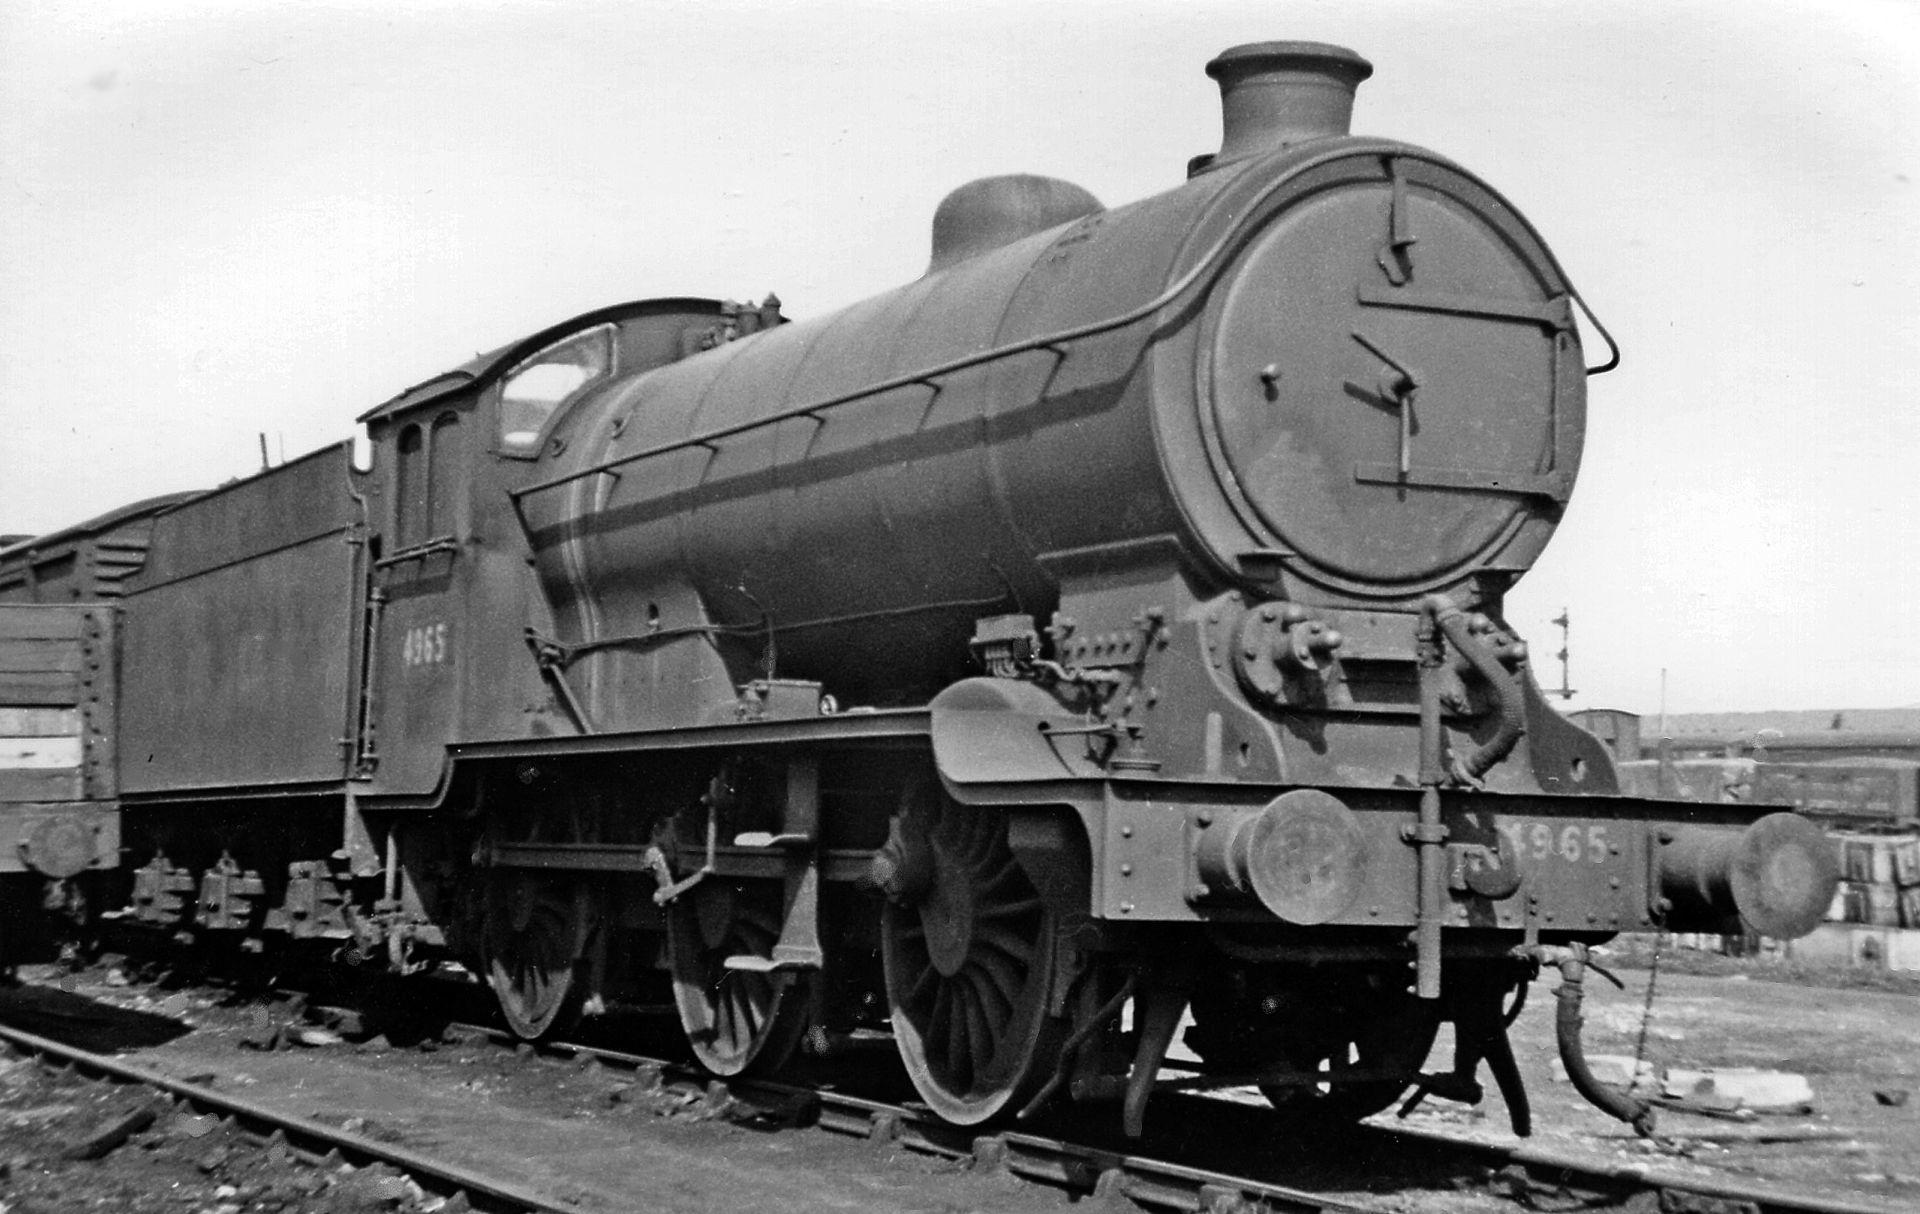 4965 at Grantham Shed in April 1947. ©Ben Brooksbank